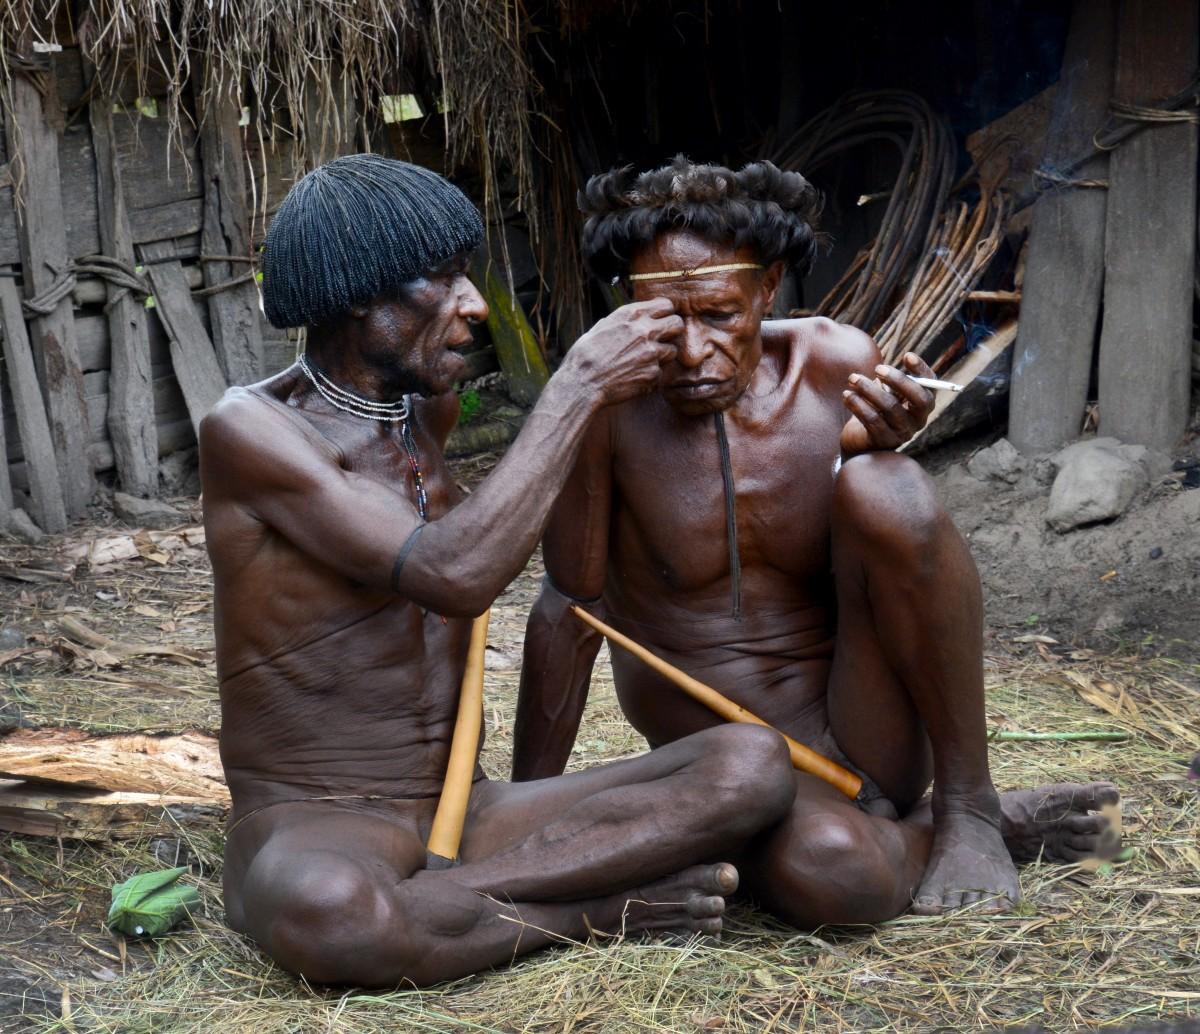 """Zdjęcia: Dolina Baliem, wioska Dani, Papua Zachodnia, Plemię Dani - """"oczko mu się odkleiło temu misiu"""", INDONEZJA"""